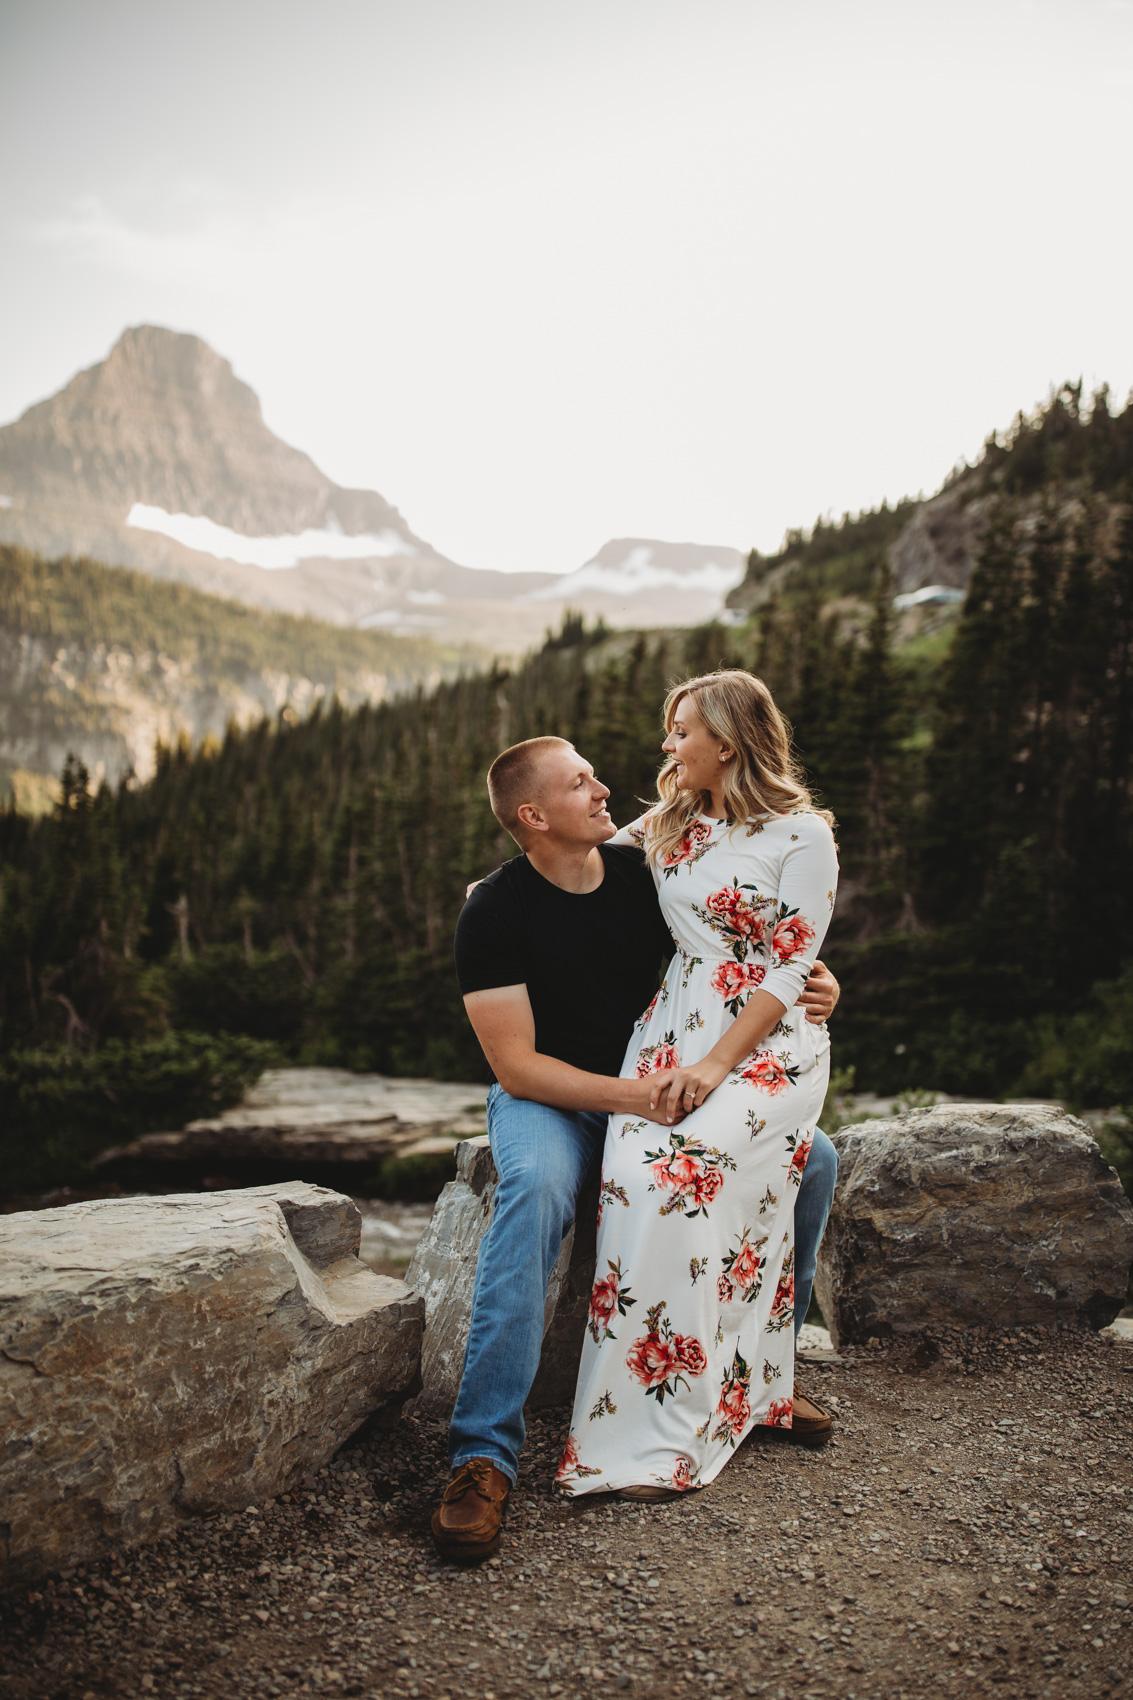 marah-doug-great-falls-montana-engagement-photographer-16.jpg